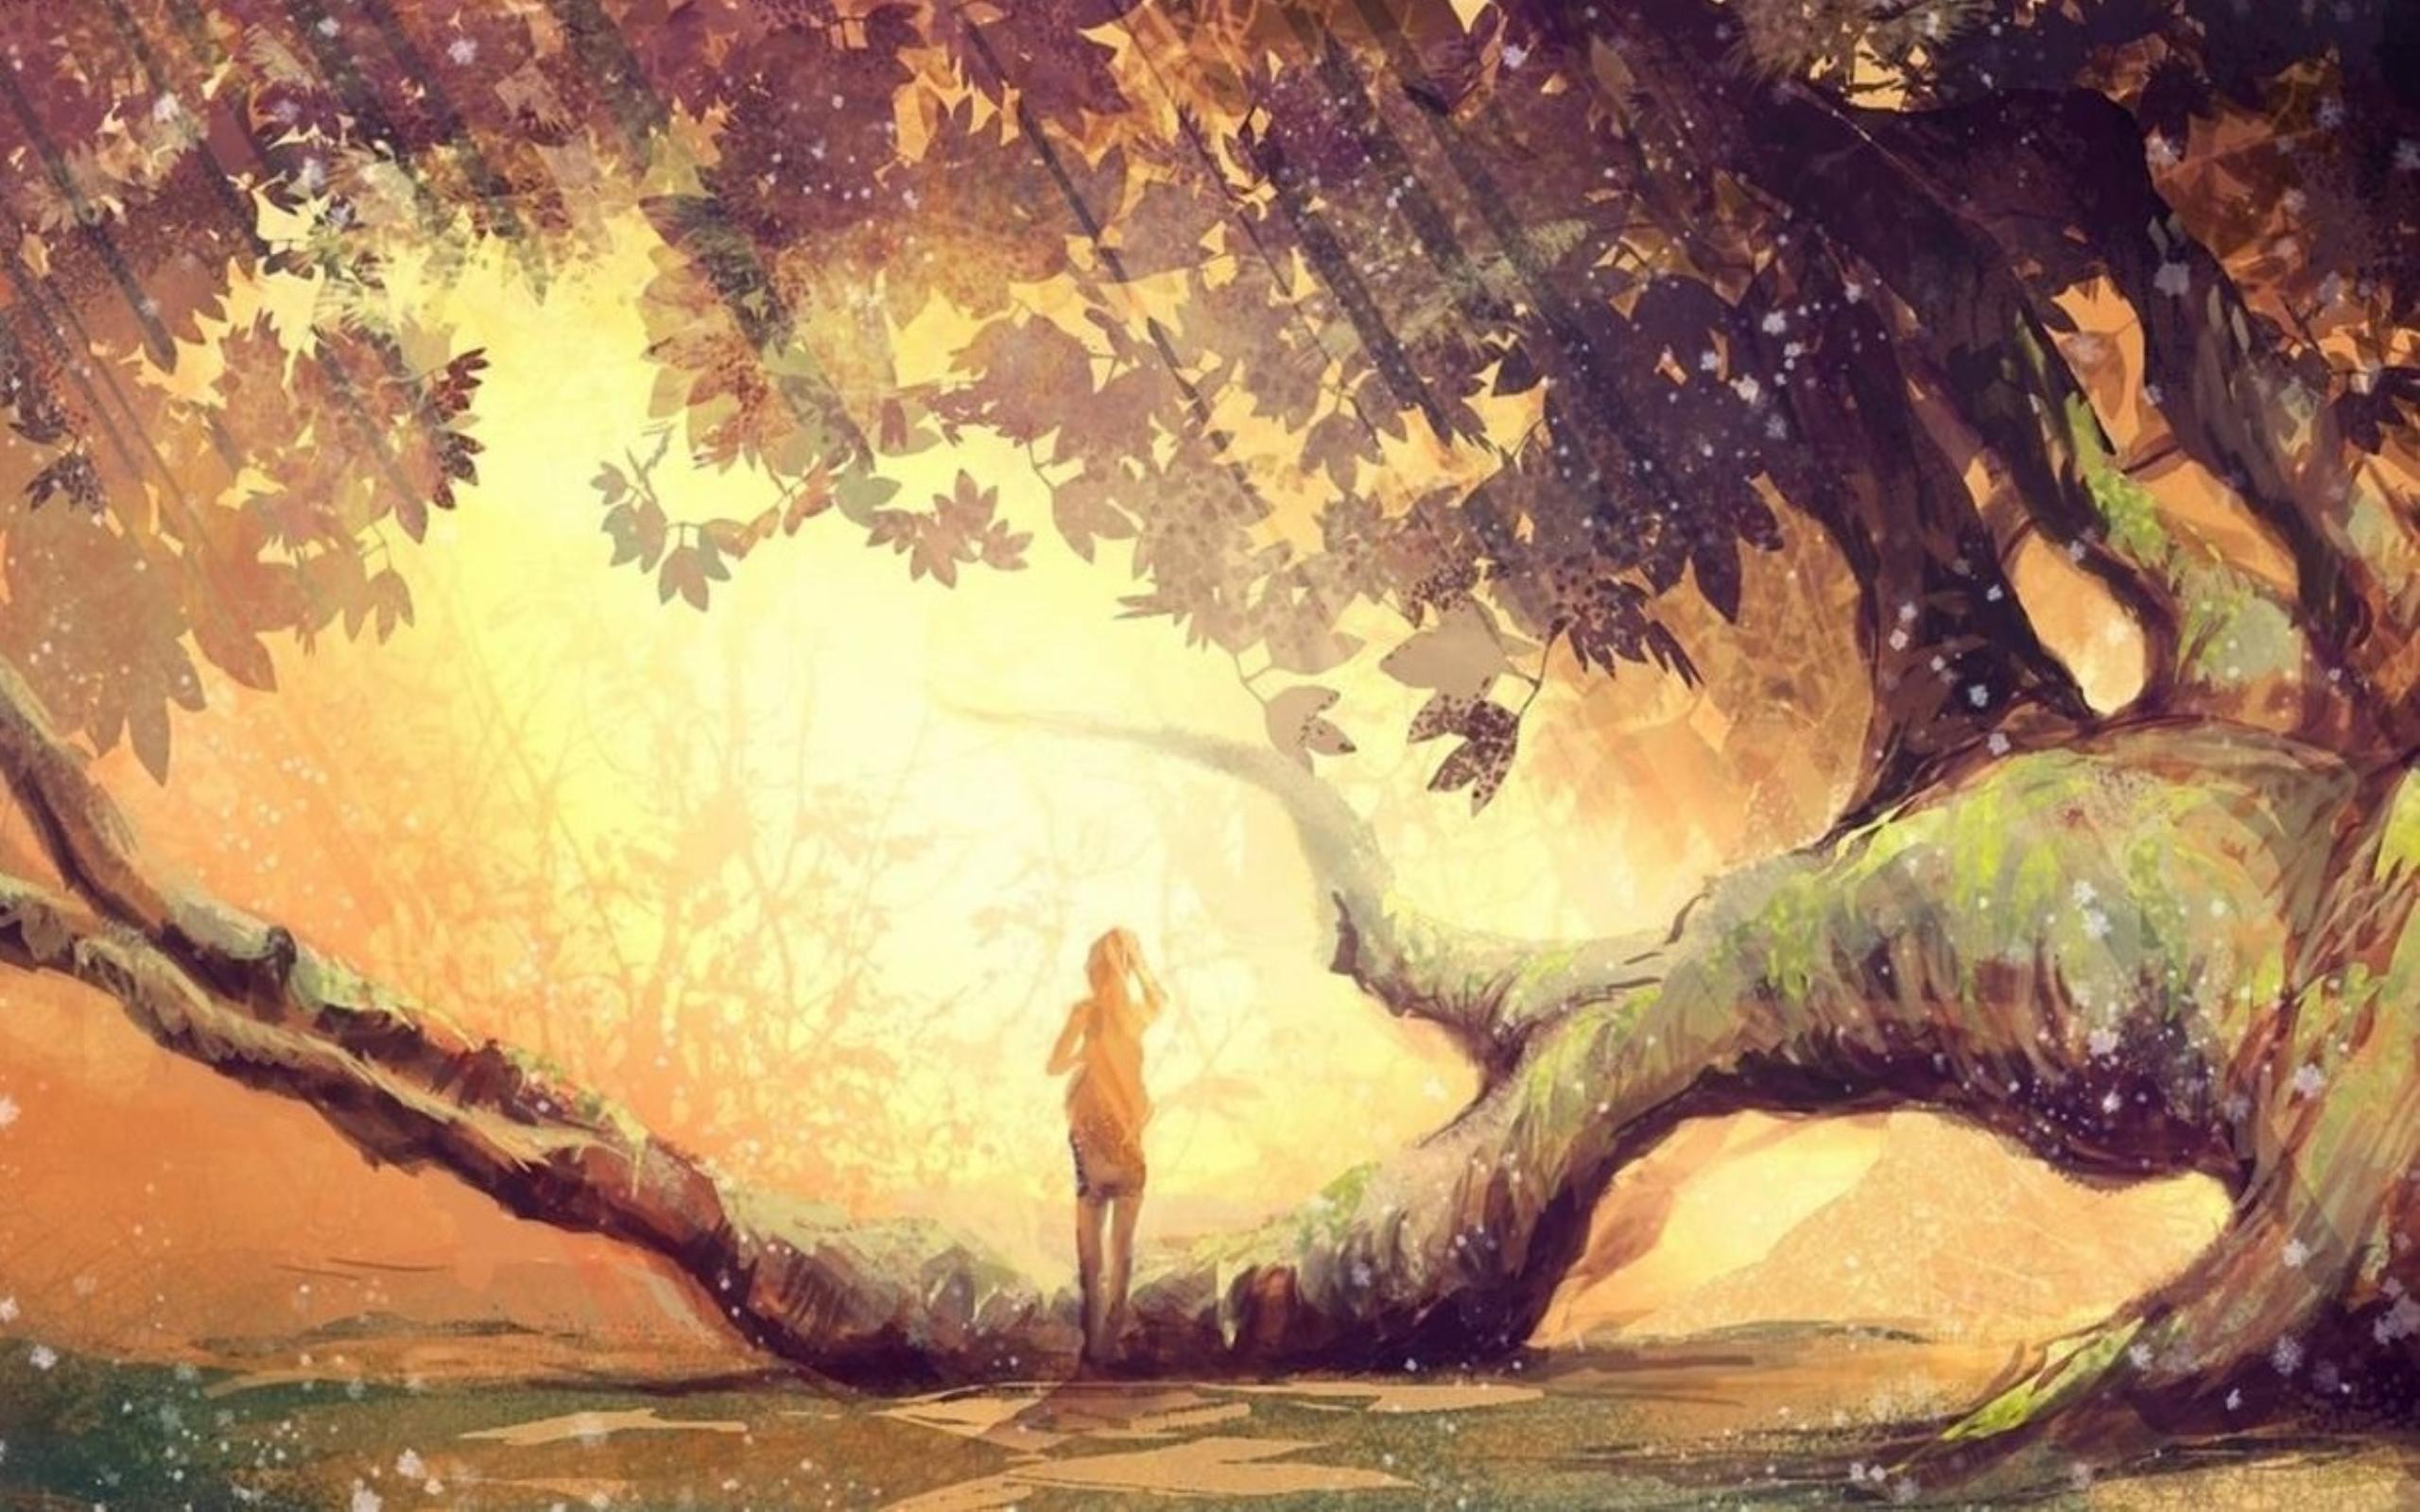 girl-alone-fantasy-art-tree-wallpaper